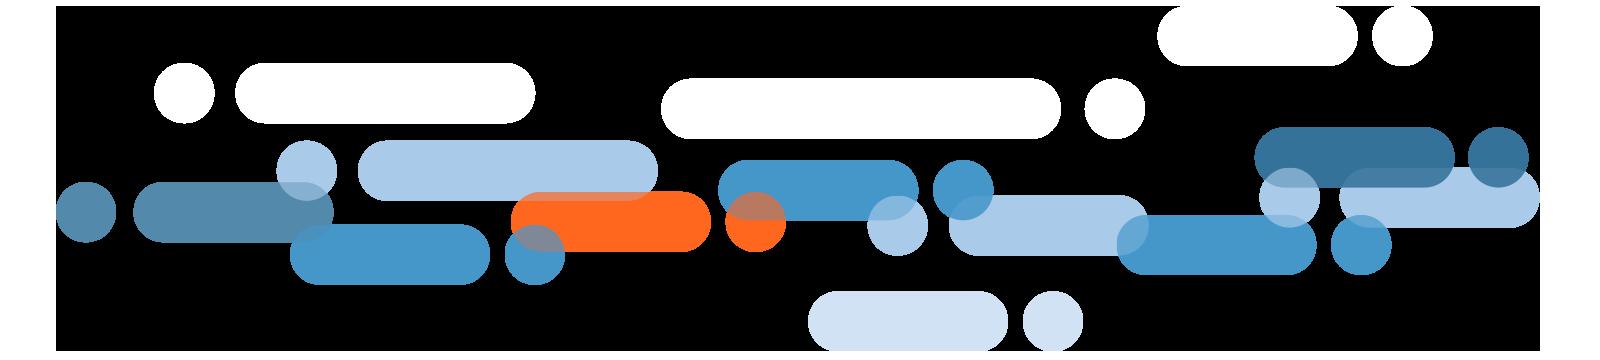 Platform Divider